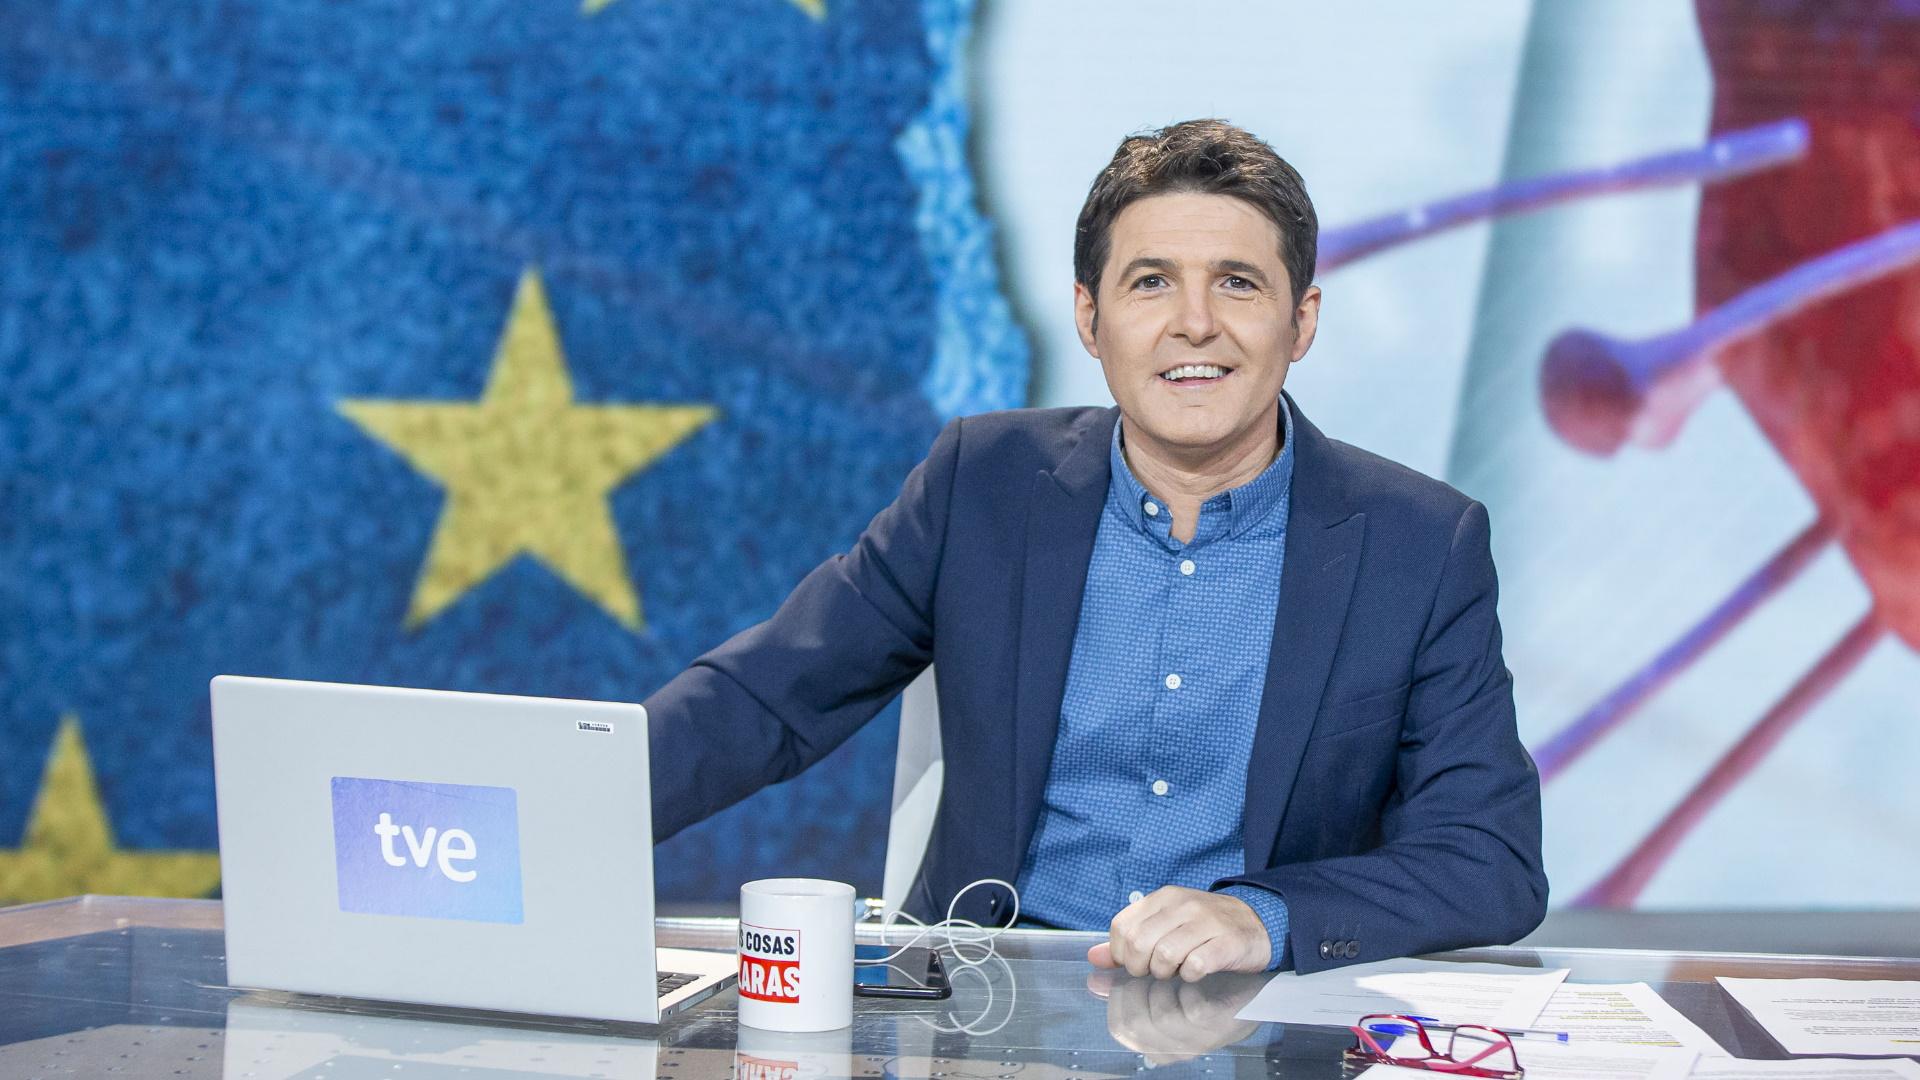 El presentador de 'Las cosas claras' en La 1 de TVE, Jesús Cintora | RTVE